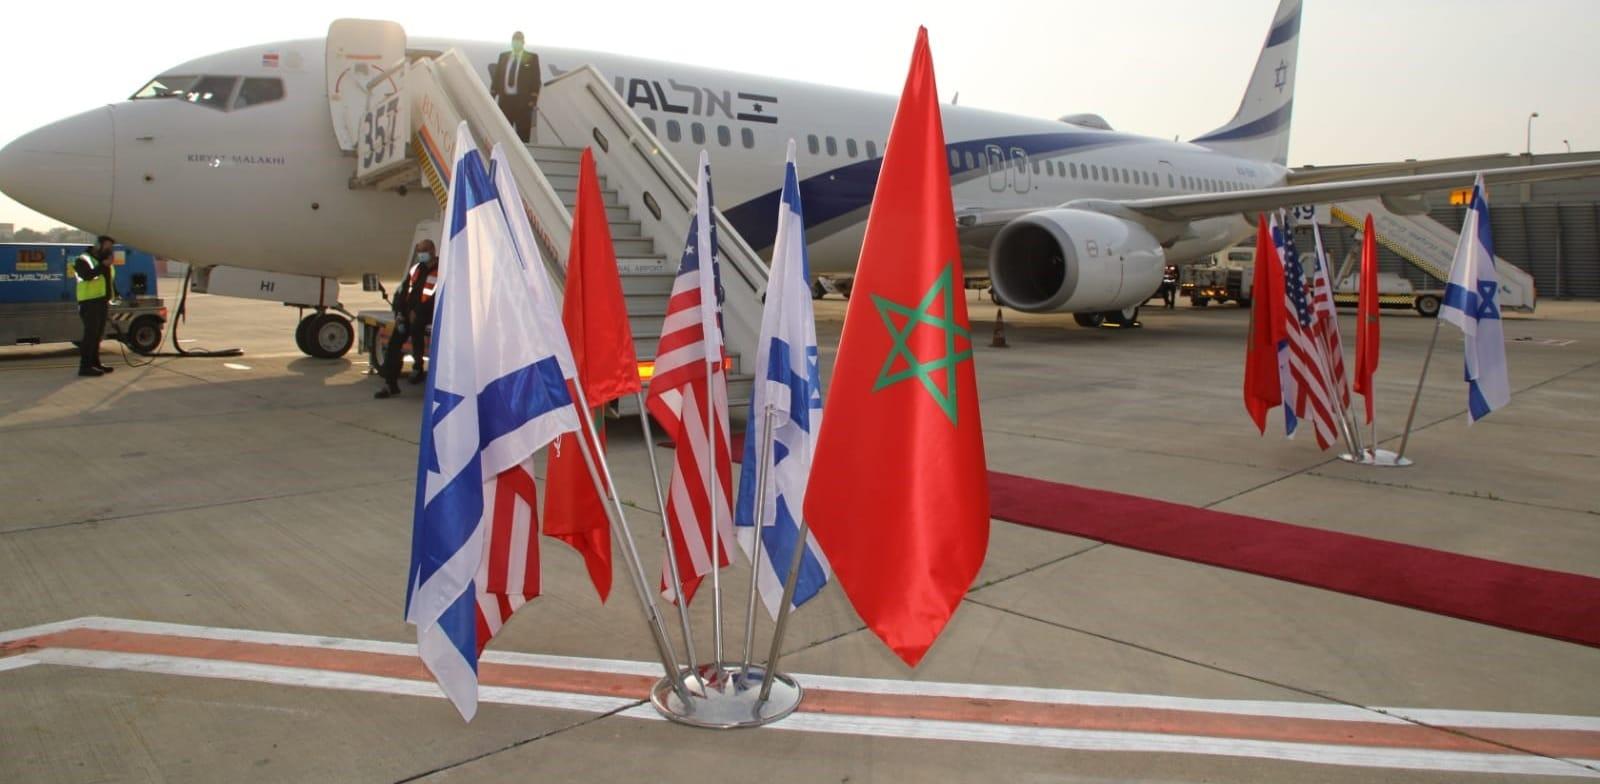 מטוס אל על למרוקו / צילום: סיון פרג'